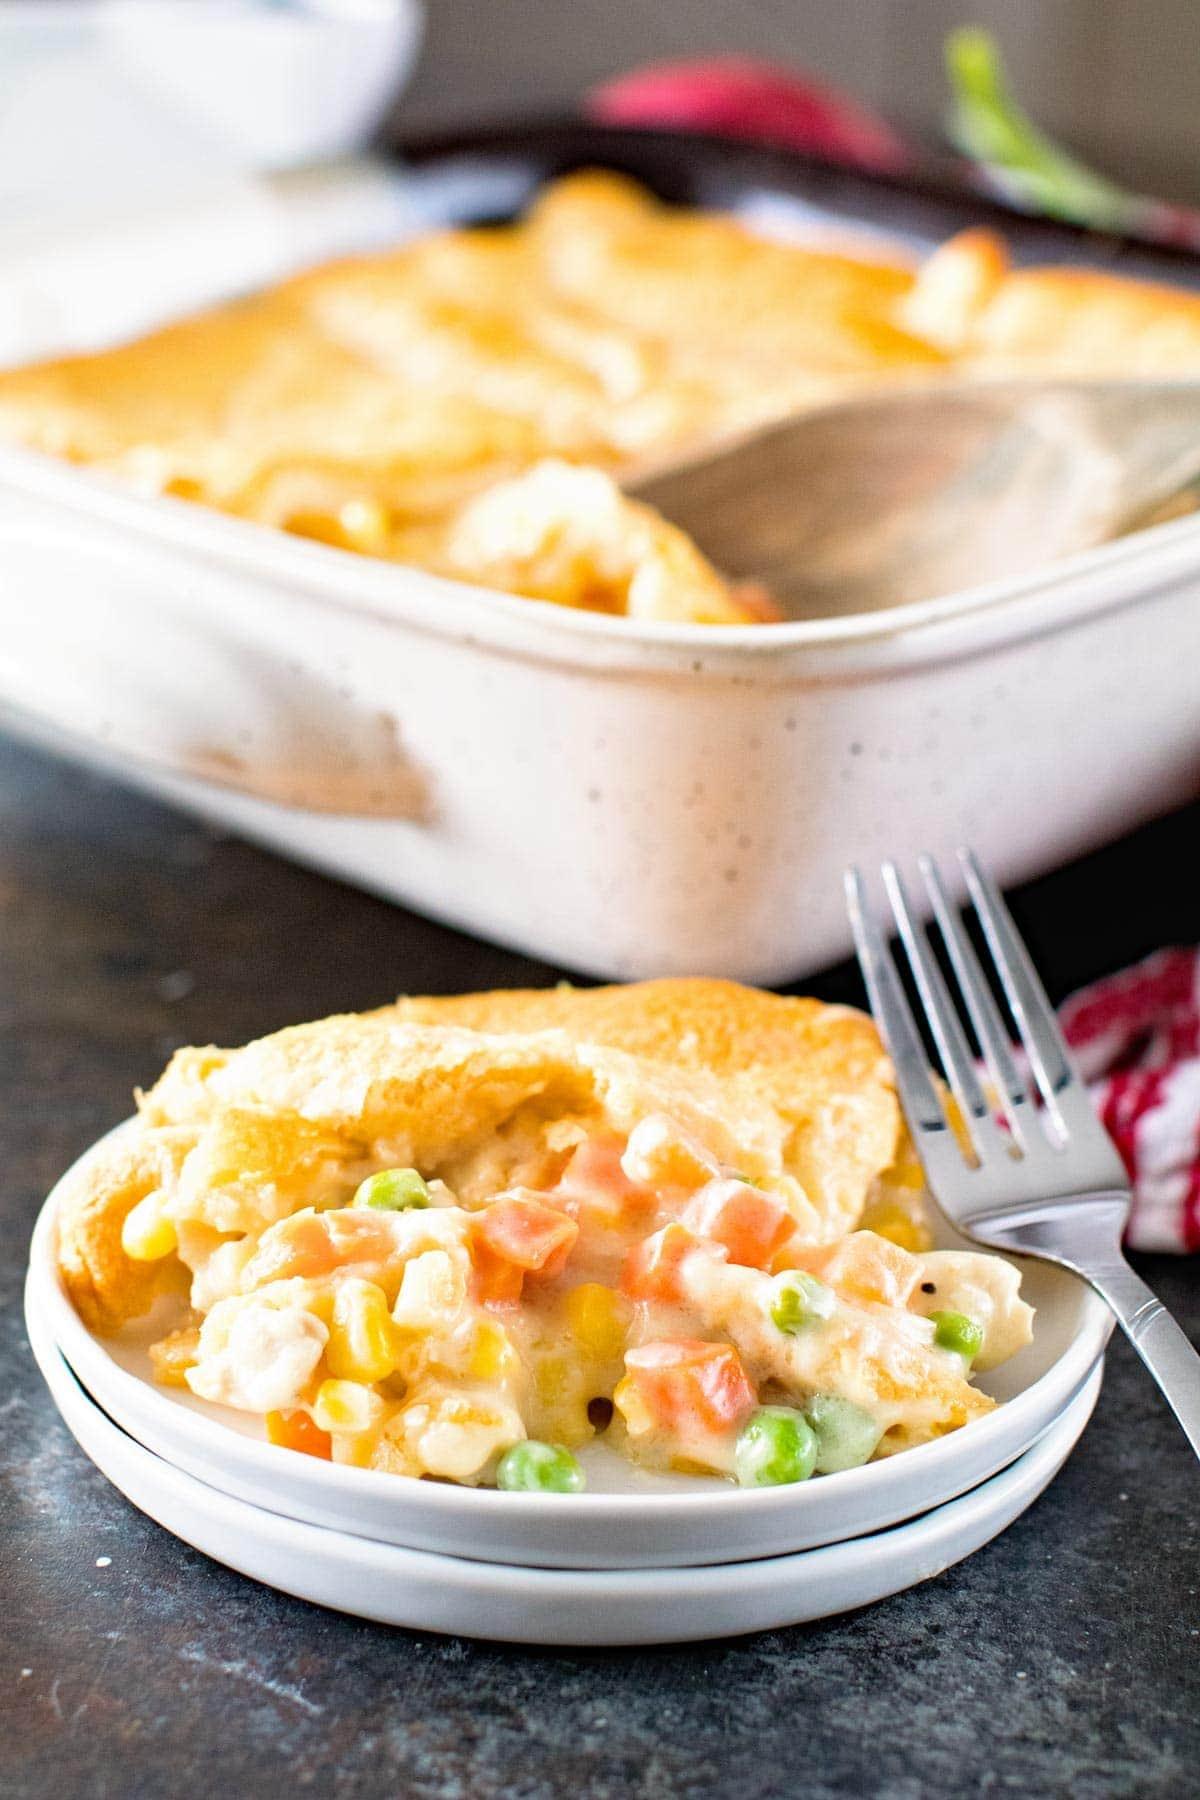 How to Make Chicken Pot pie Casserole